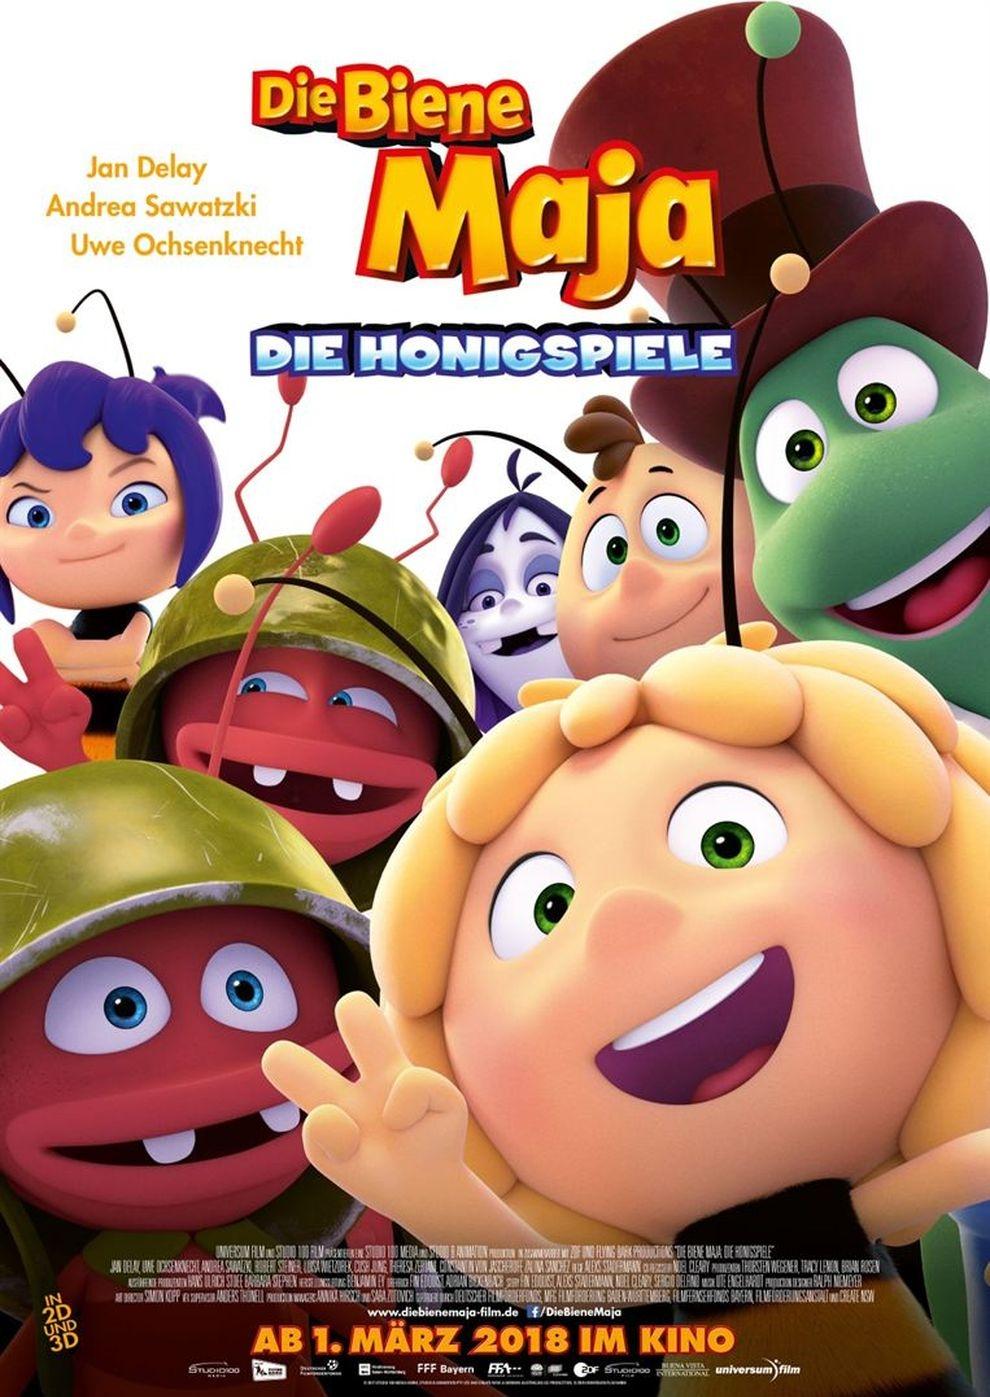 Die Biene Maja 2 - Die Honigspiele (Poster)